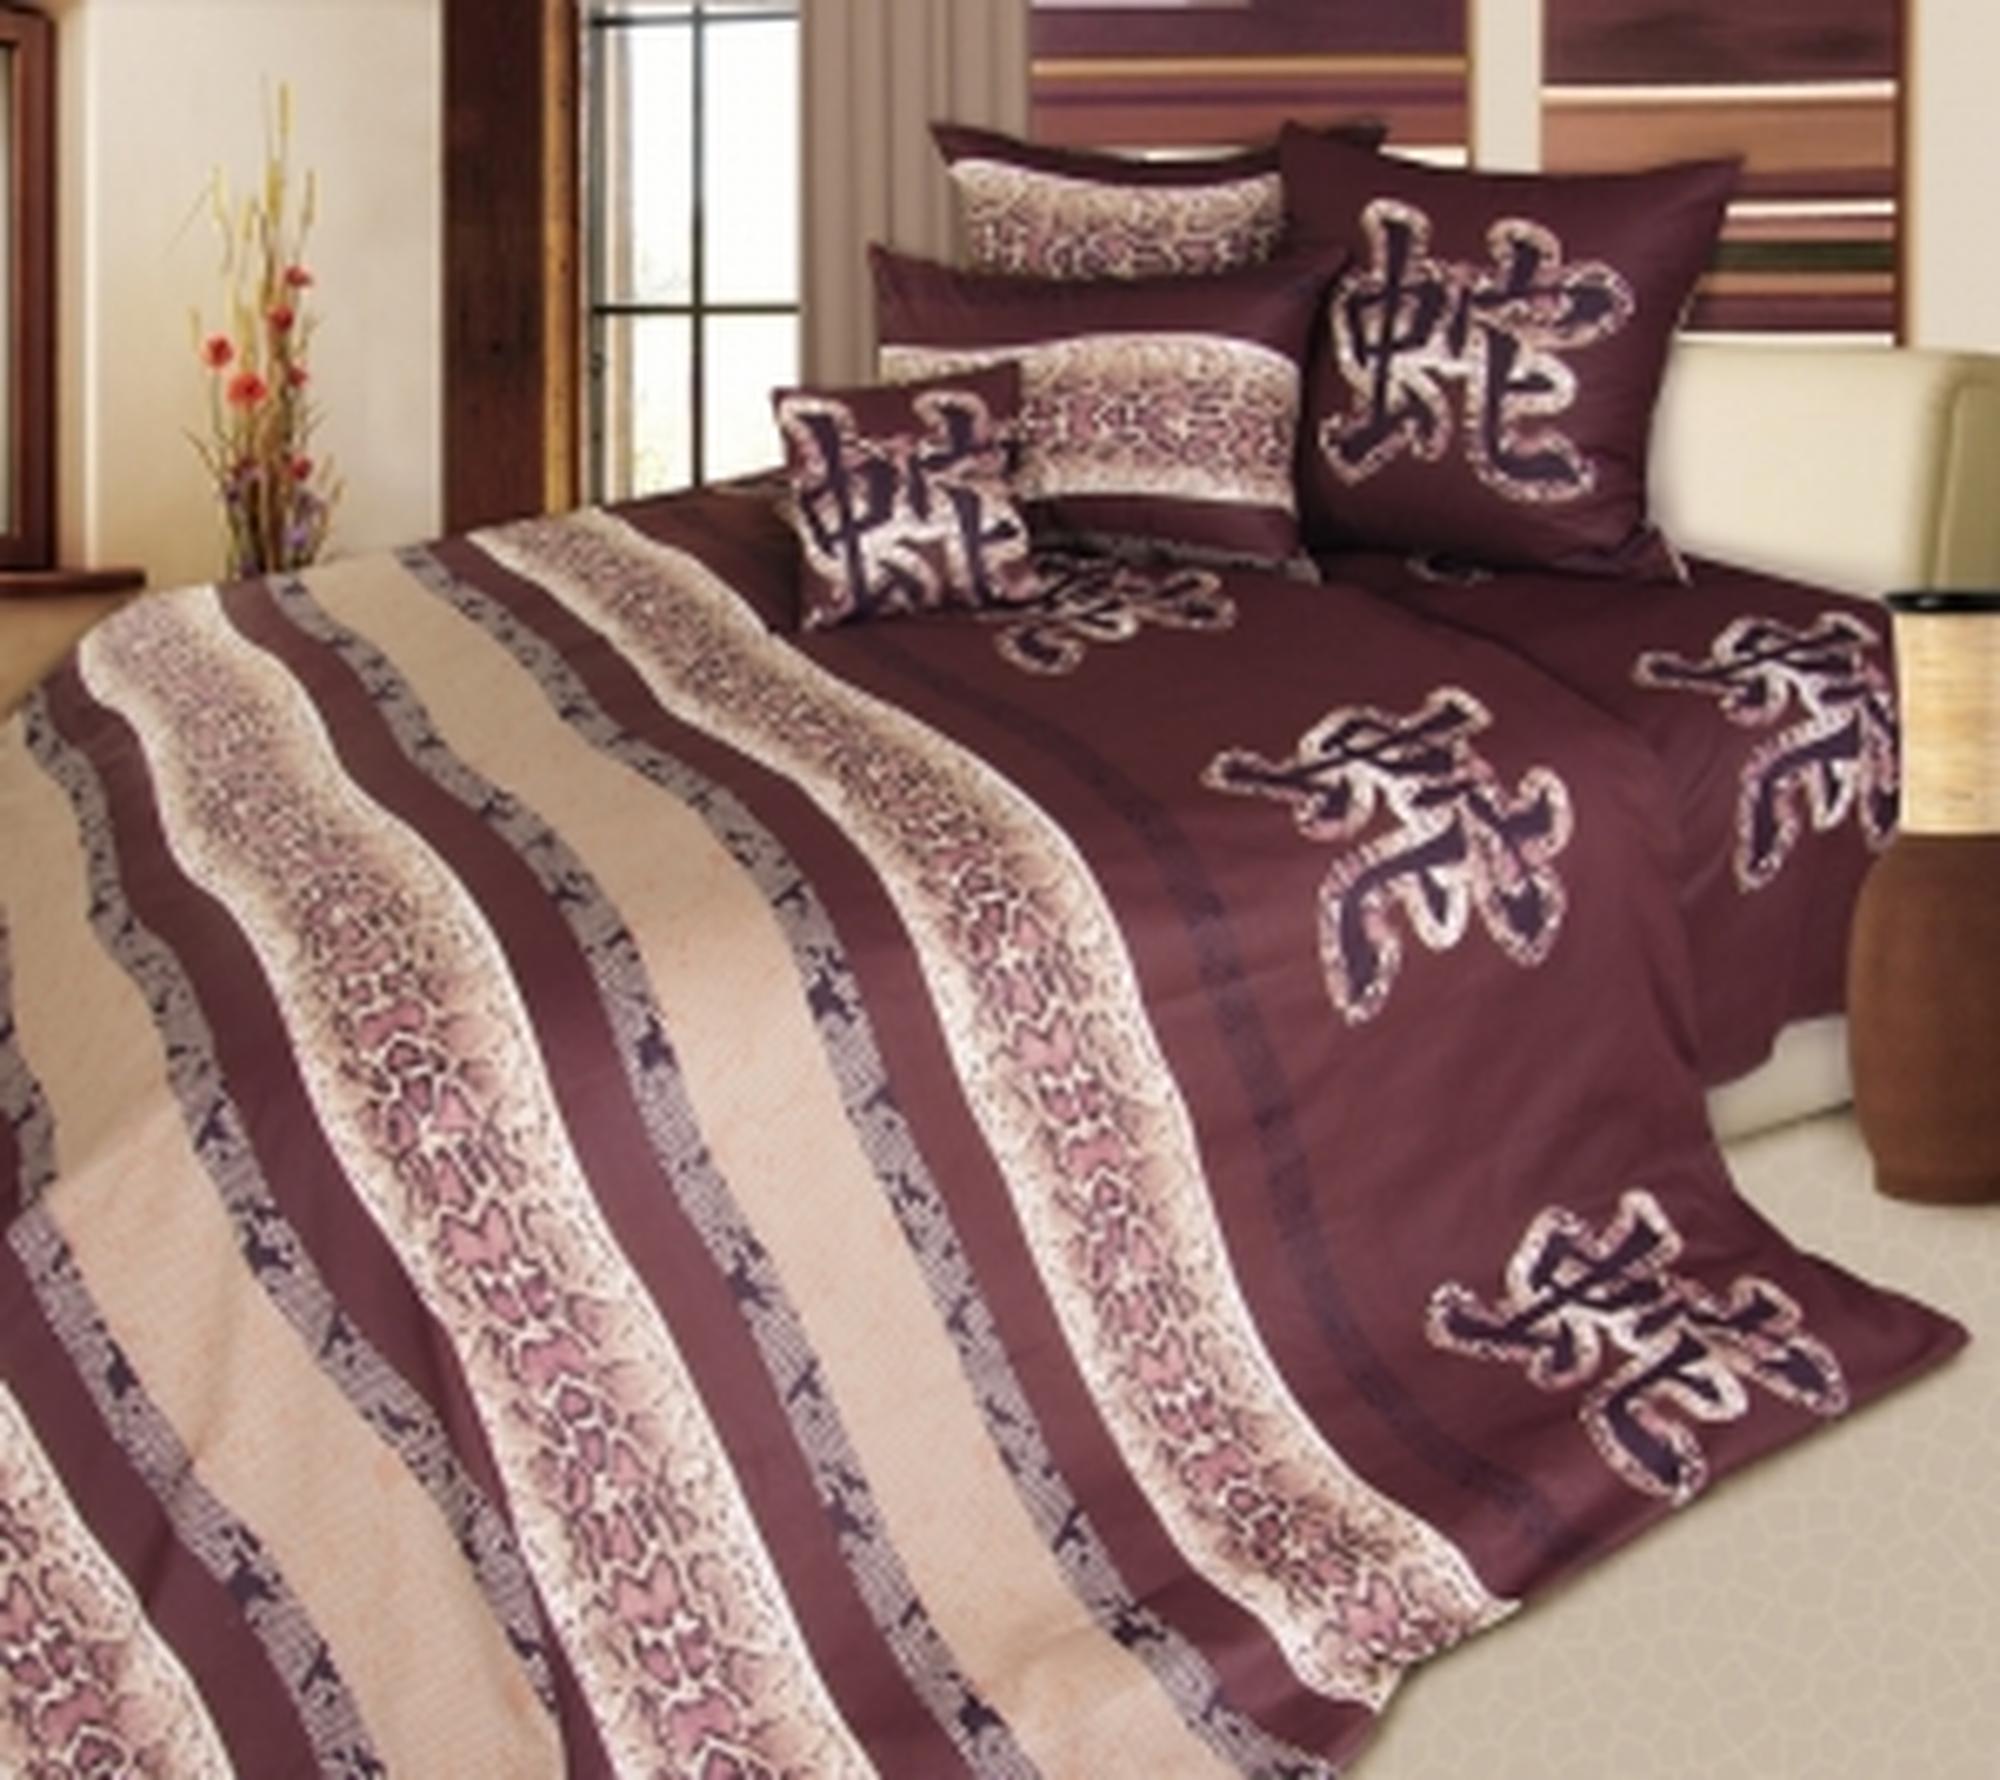 Текс Дизайн Комплект постельного белья «Год Змеи 2» евро 1, 4 предмета.